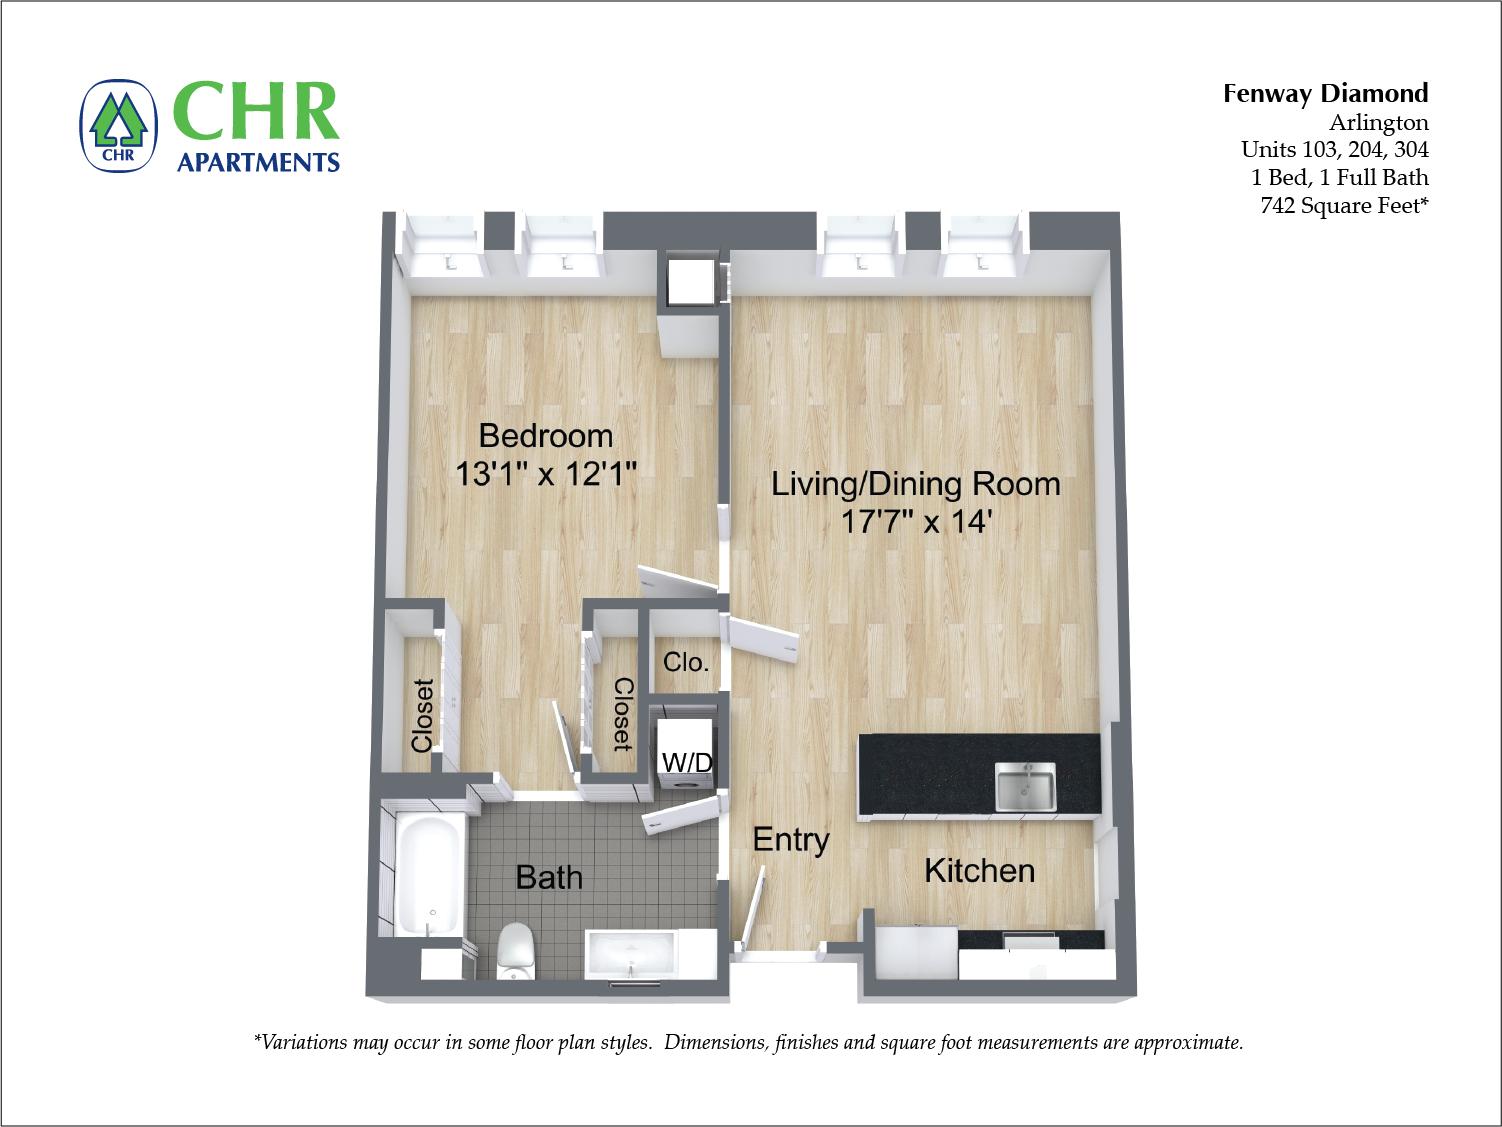 Floor plan 1 Bedroom with Open Floorplan image 3